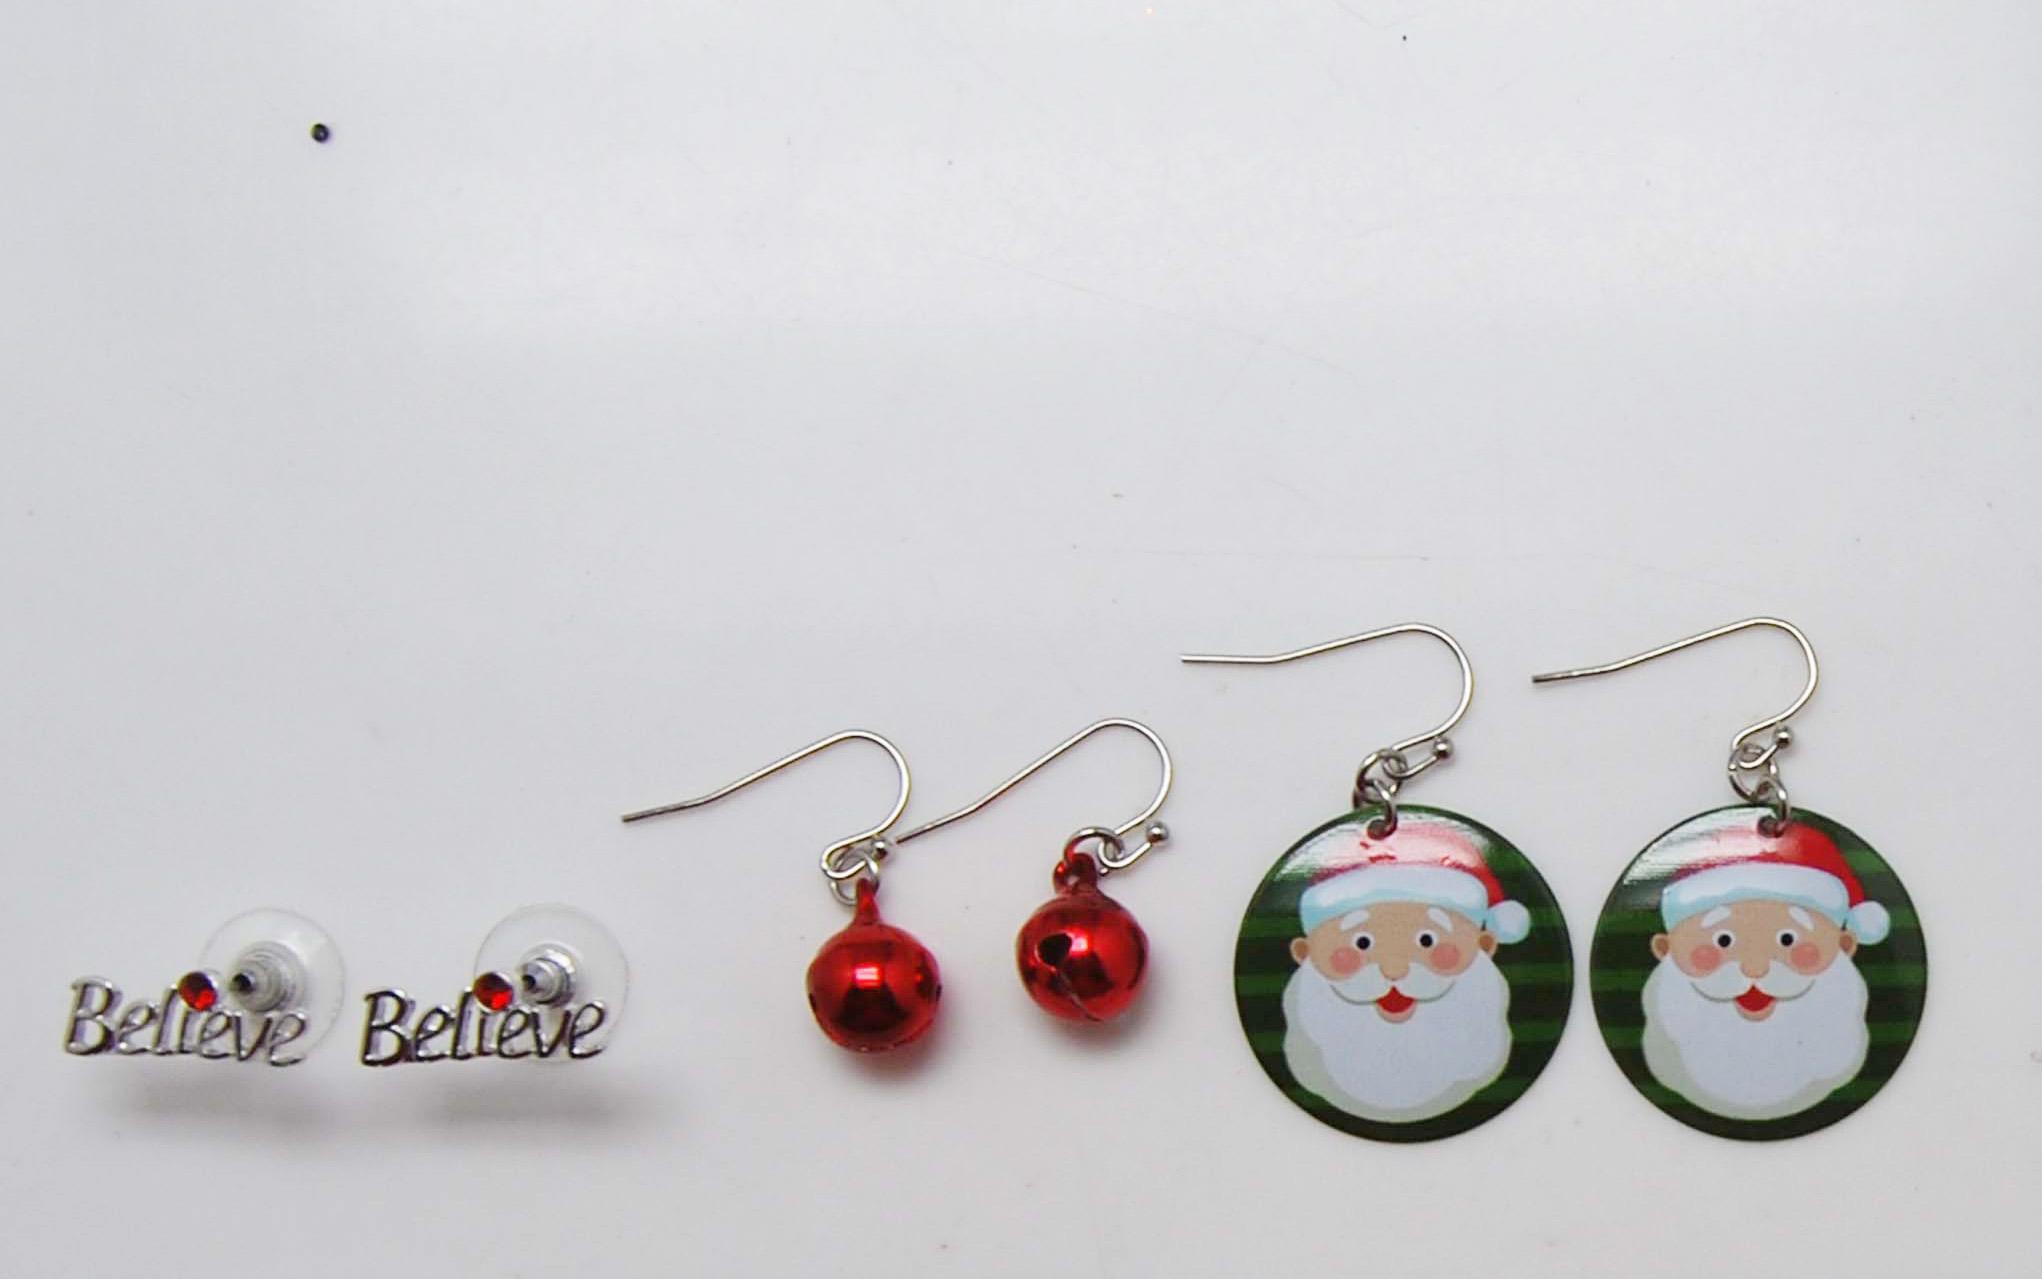 三对一套铃铛印刷圣诞节耳环